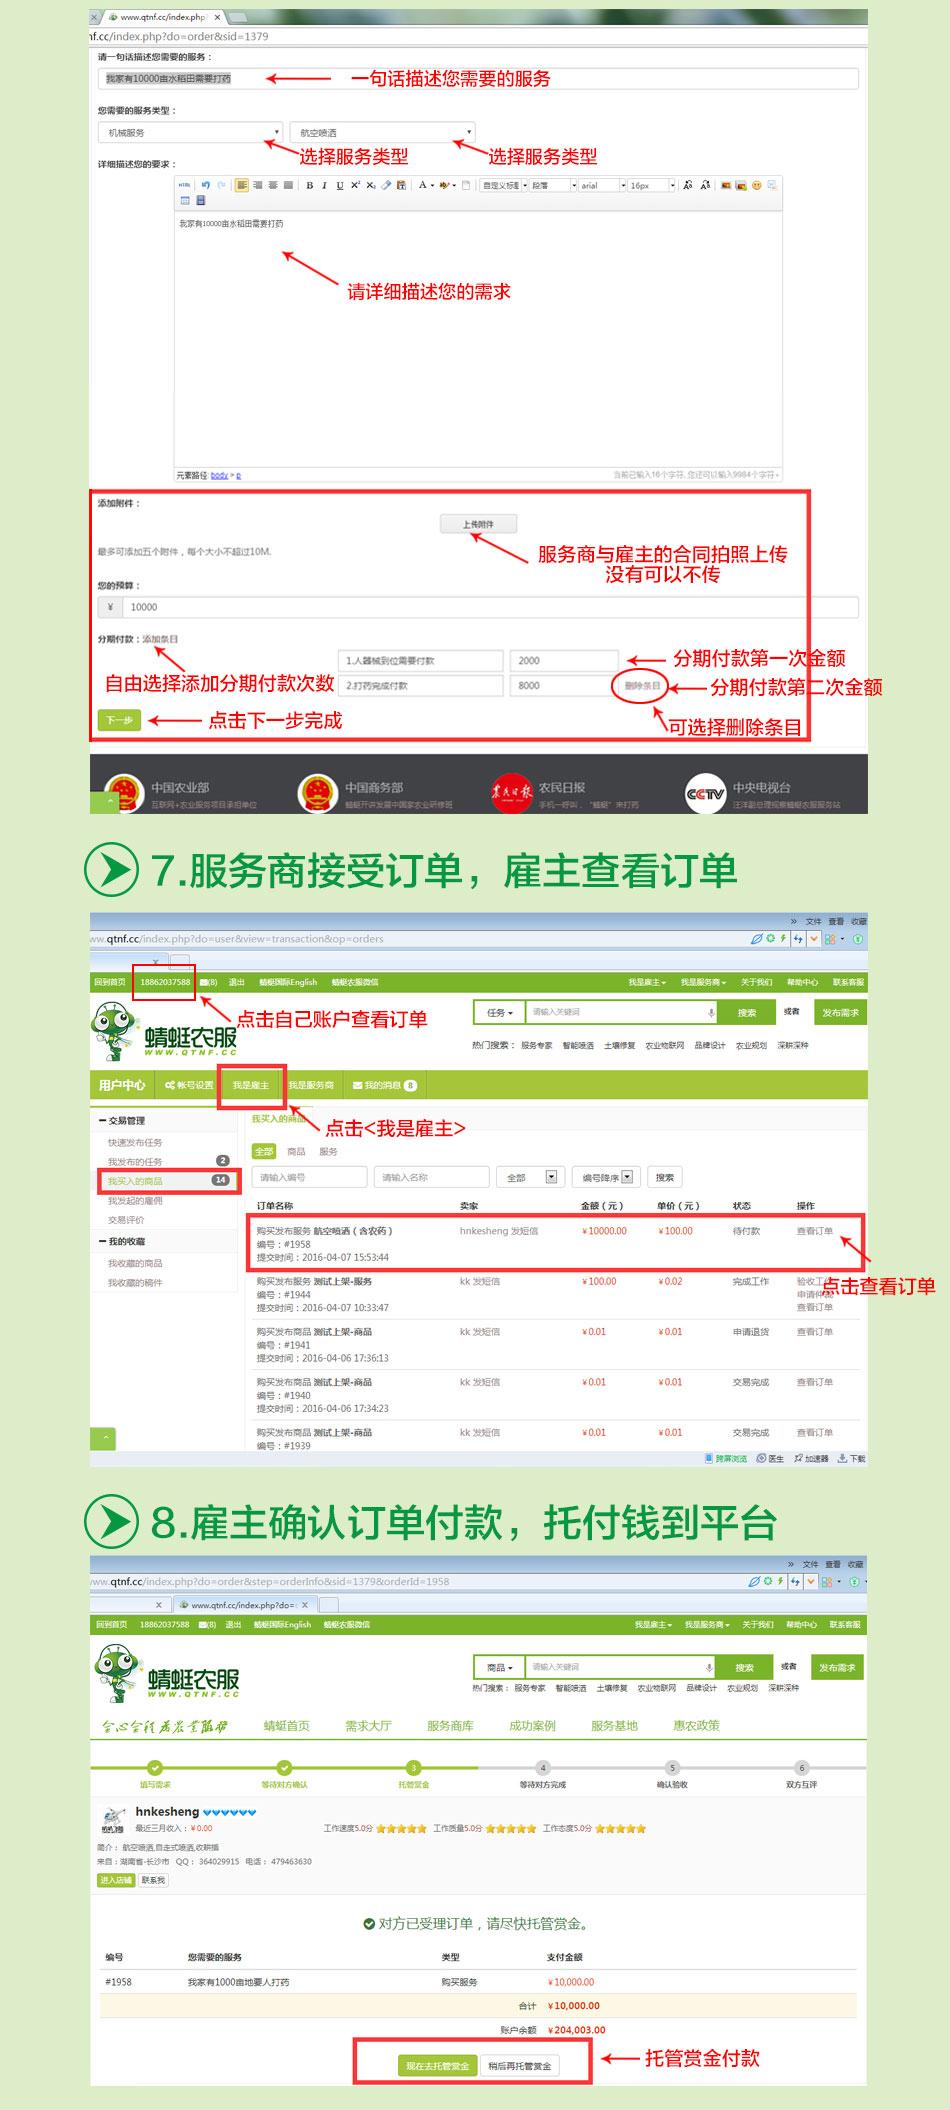 雇主购买服务操作流程3.jpg